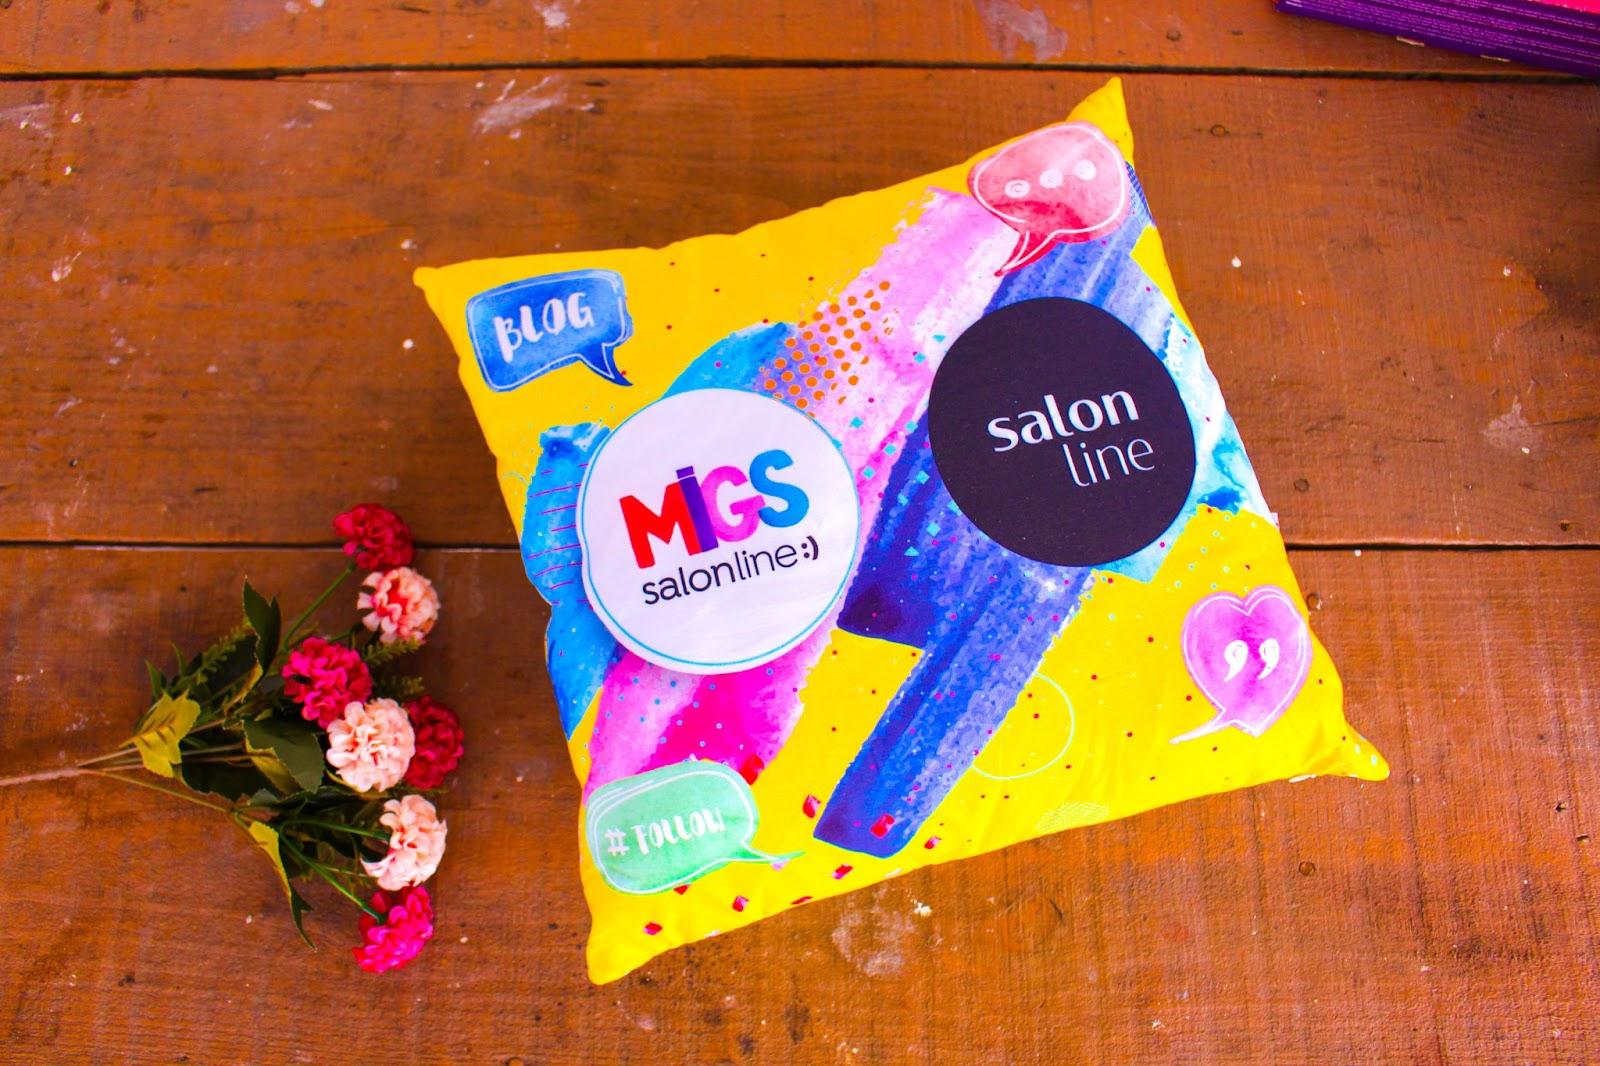 Recebido de Fevereiro da Salon Line | #Migs